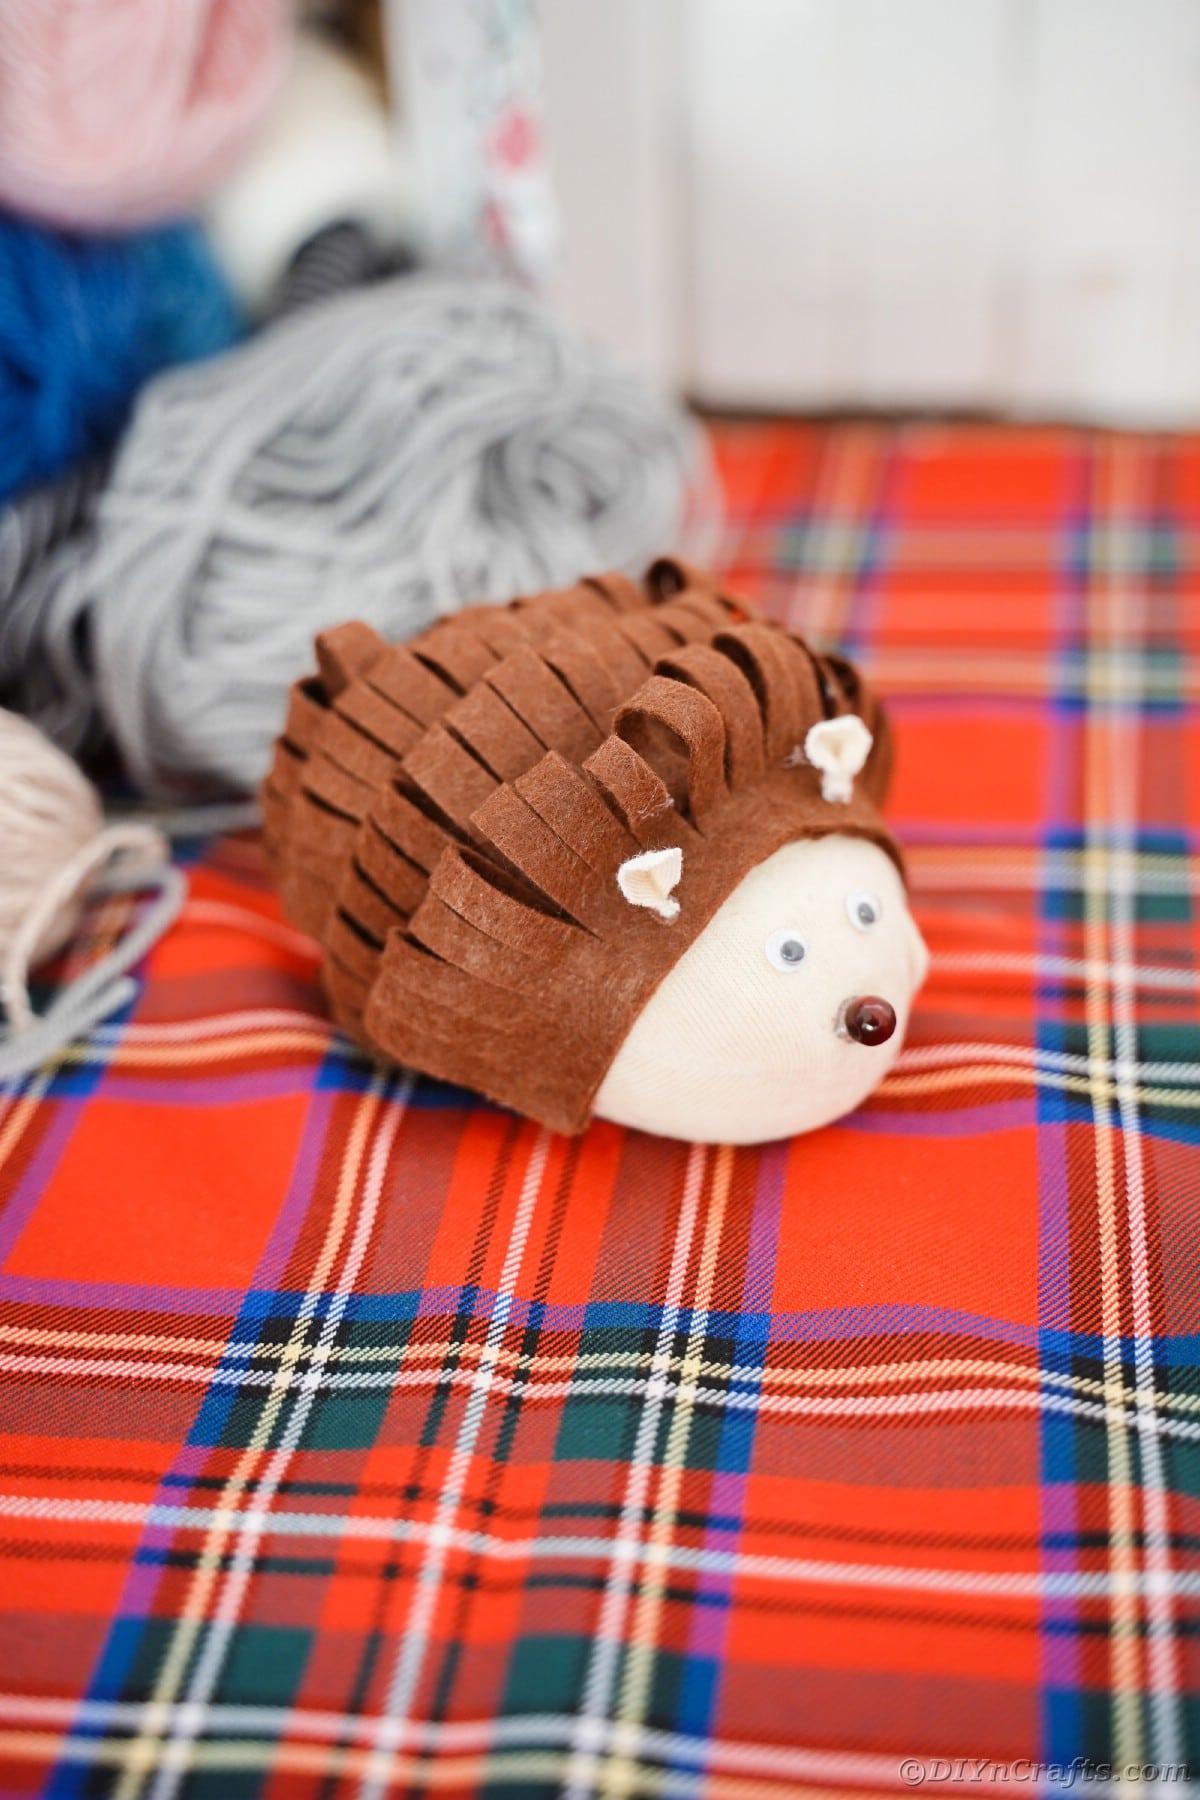 Stuffed toy hedgehog on red plaid blanket by rolls of yarn